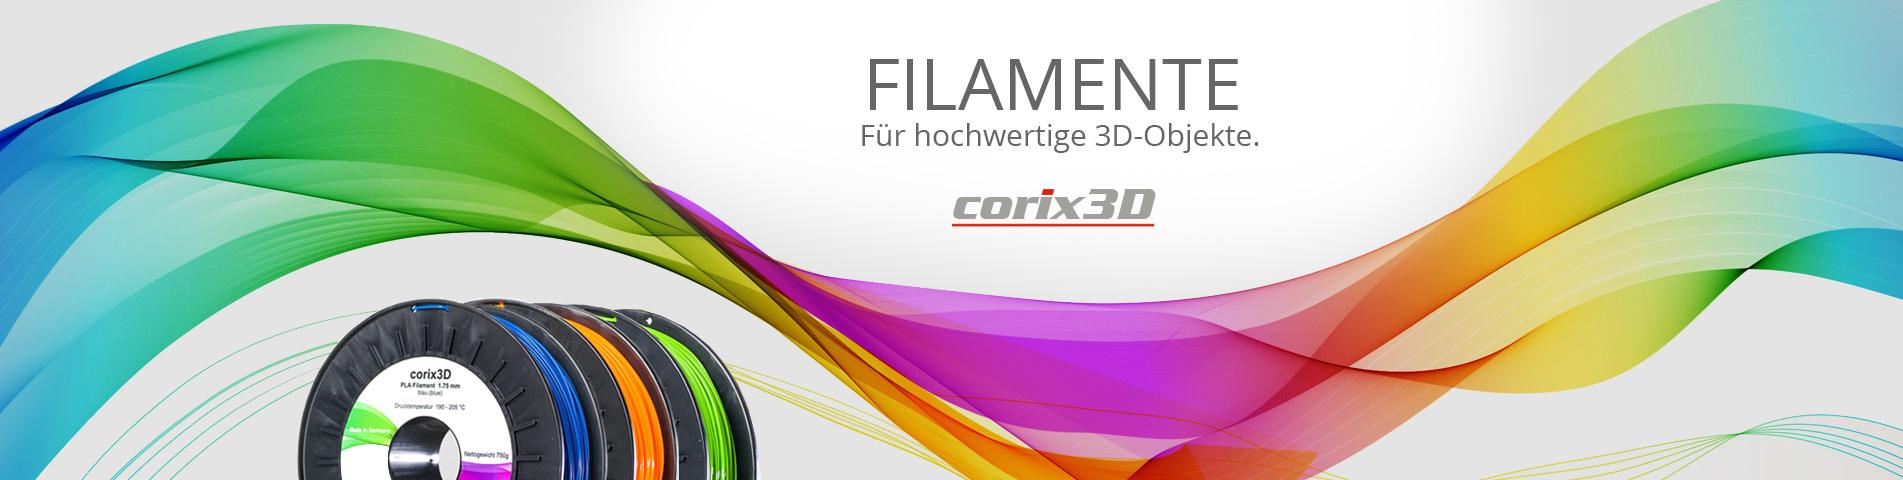 corix3d-filamente-slider-1